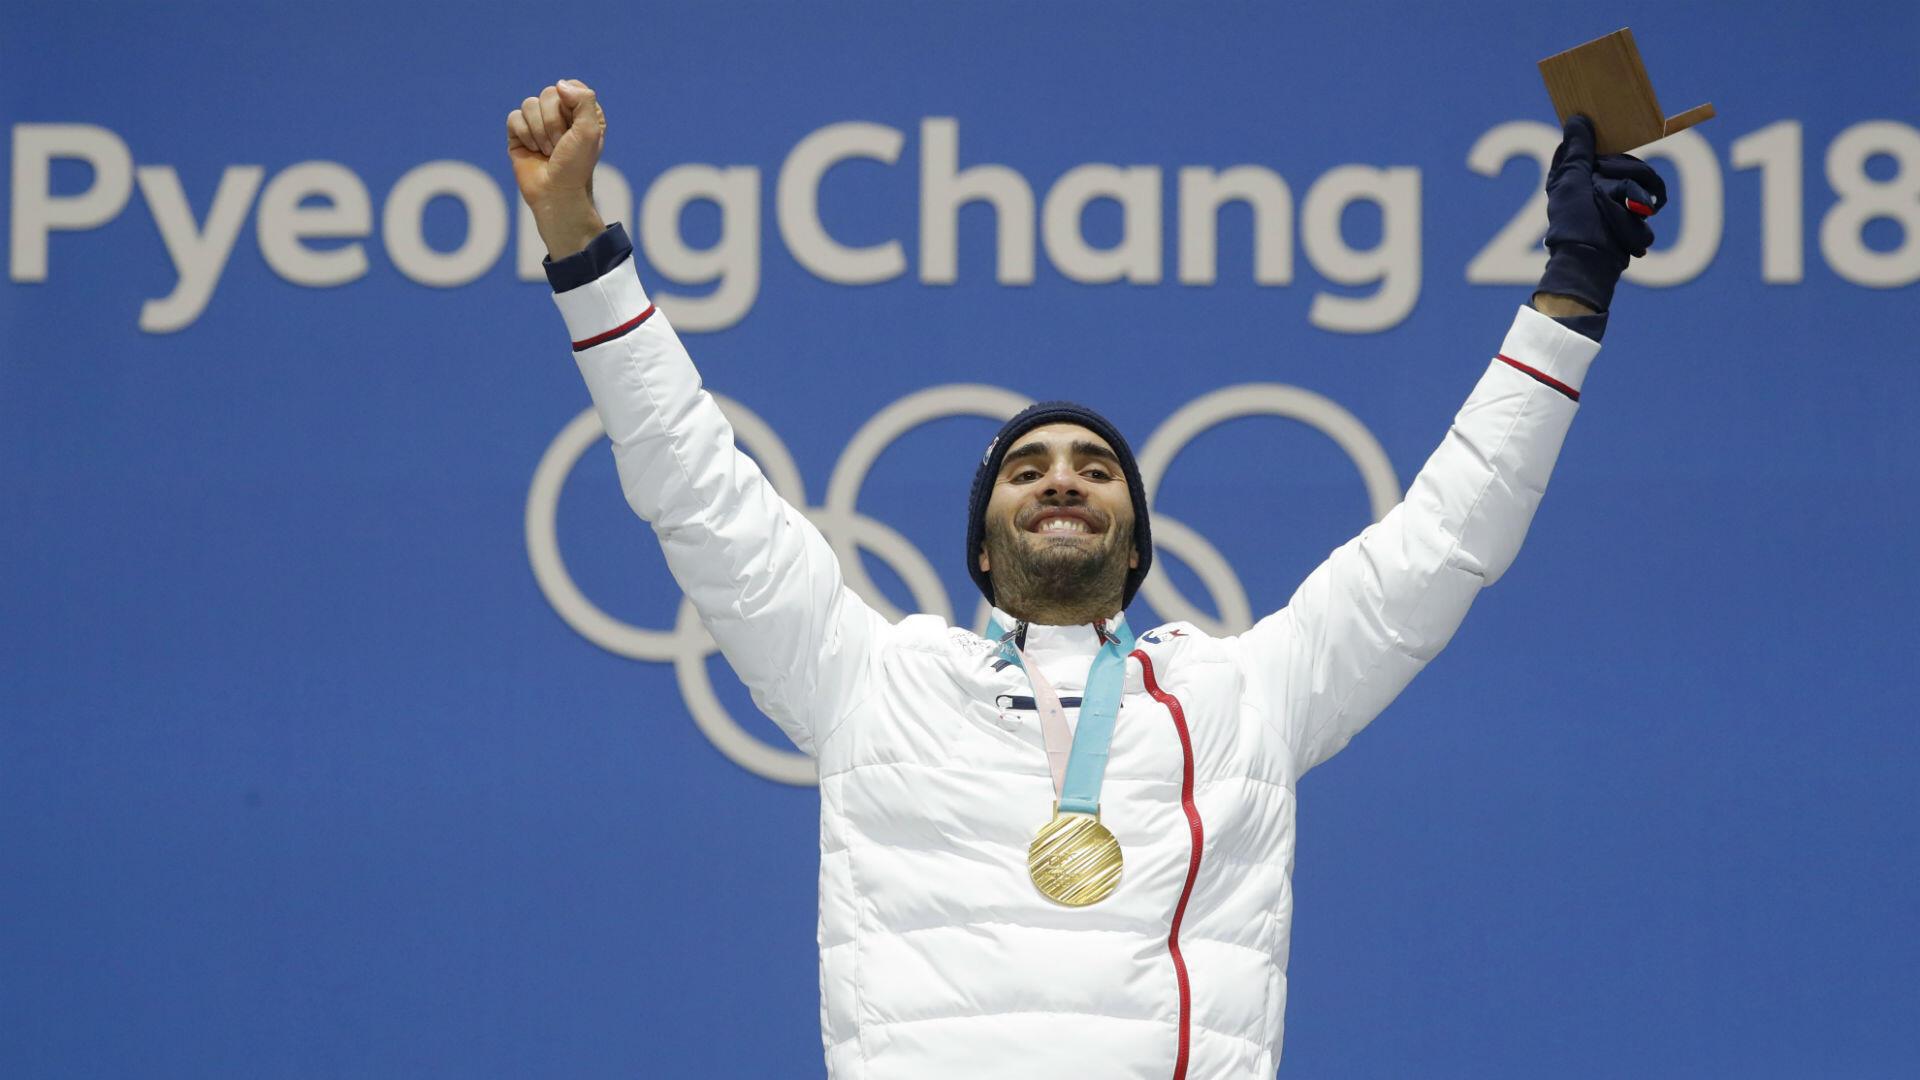 À l'arrivée du relais mixte en biathlon, Martin Fourcade lève une nouvelle fois les bras au ciel. Le Catalan vient de remporter sa troisième médaille d'or sur ces JO et devient, avec cinq titres en carrière, le Français le plus titré aux Jeux.